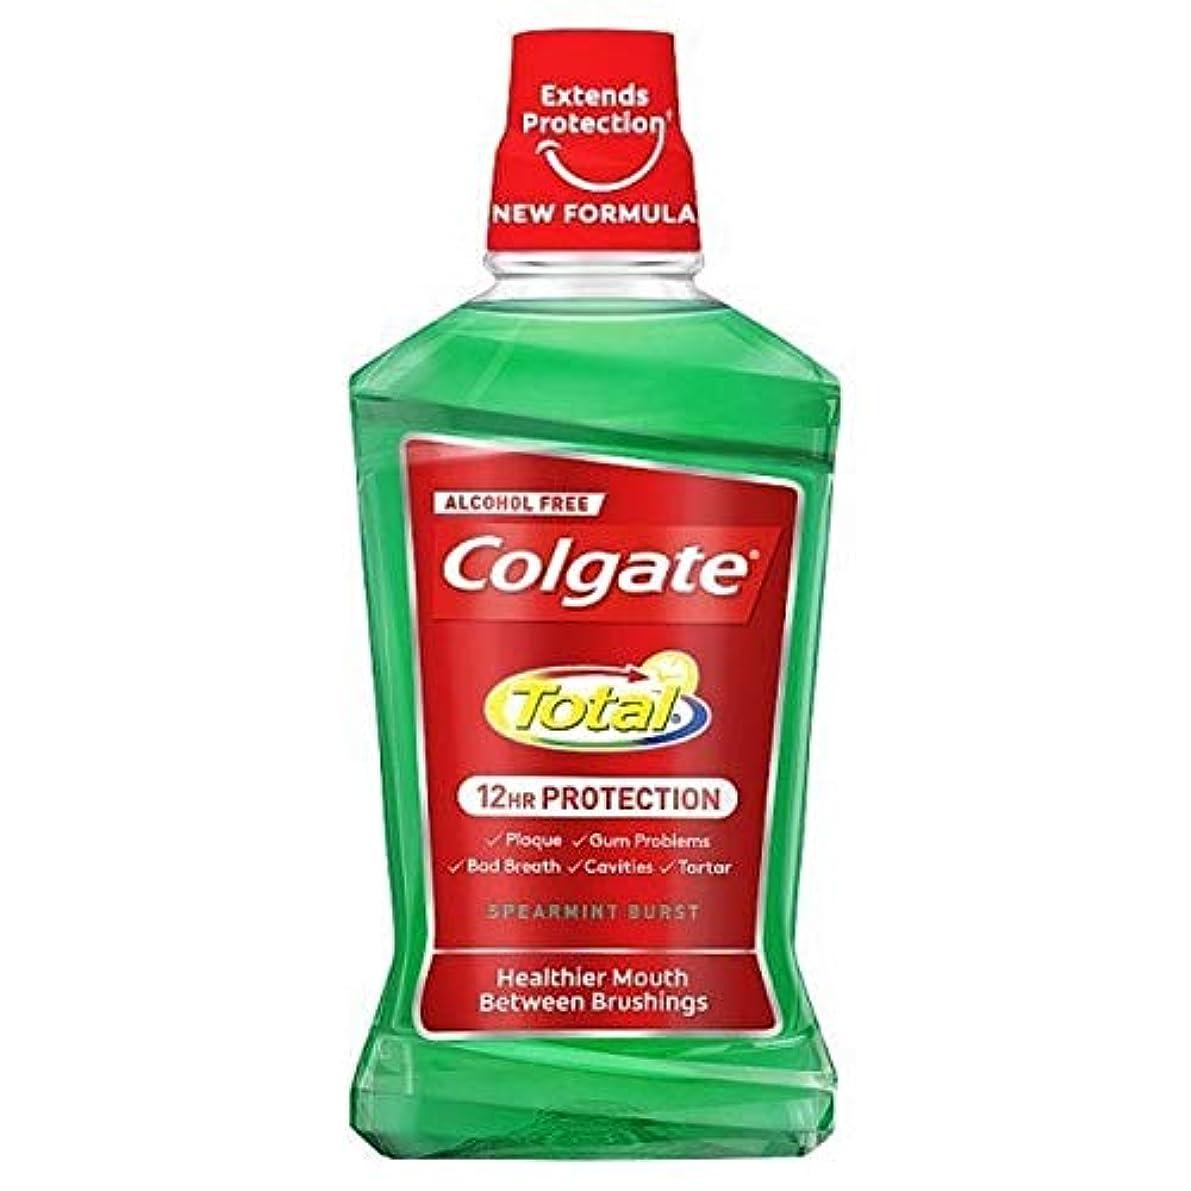 エンディング素晴らしいですアルカイック[Colgate ] コルゲートトータルスペアミントバーストマウスウォッシュ500ミリリットル - Colgate Total Spearmint Burst Mouthwash 500ml [並行輸入品]